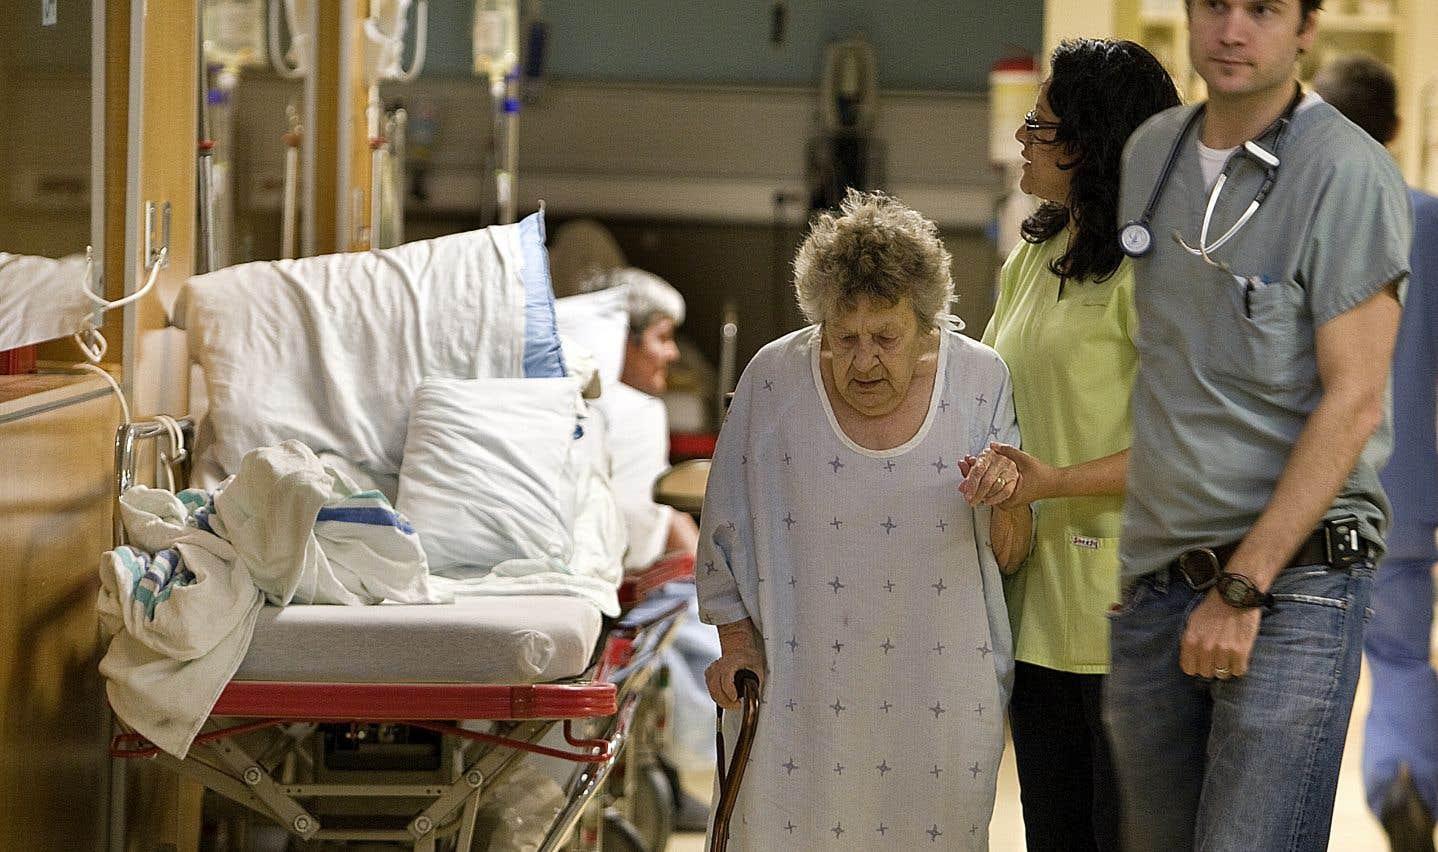 Si nous voulons venir en aide aux infirmières et aux patients, nous devons prendre le temps de nous interroger sur la façon dont nous consommons les soins de santé, estime l'auteur.